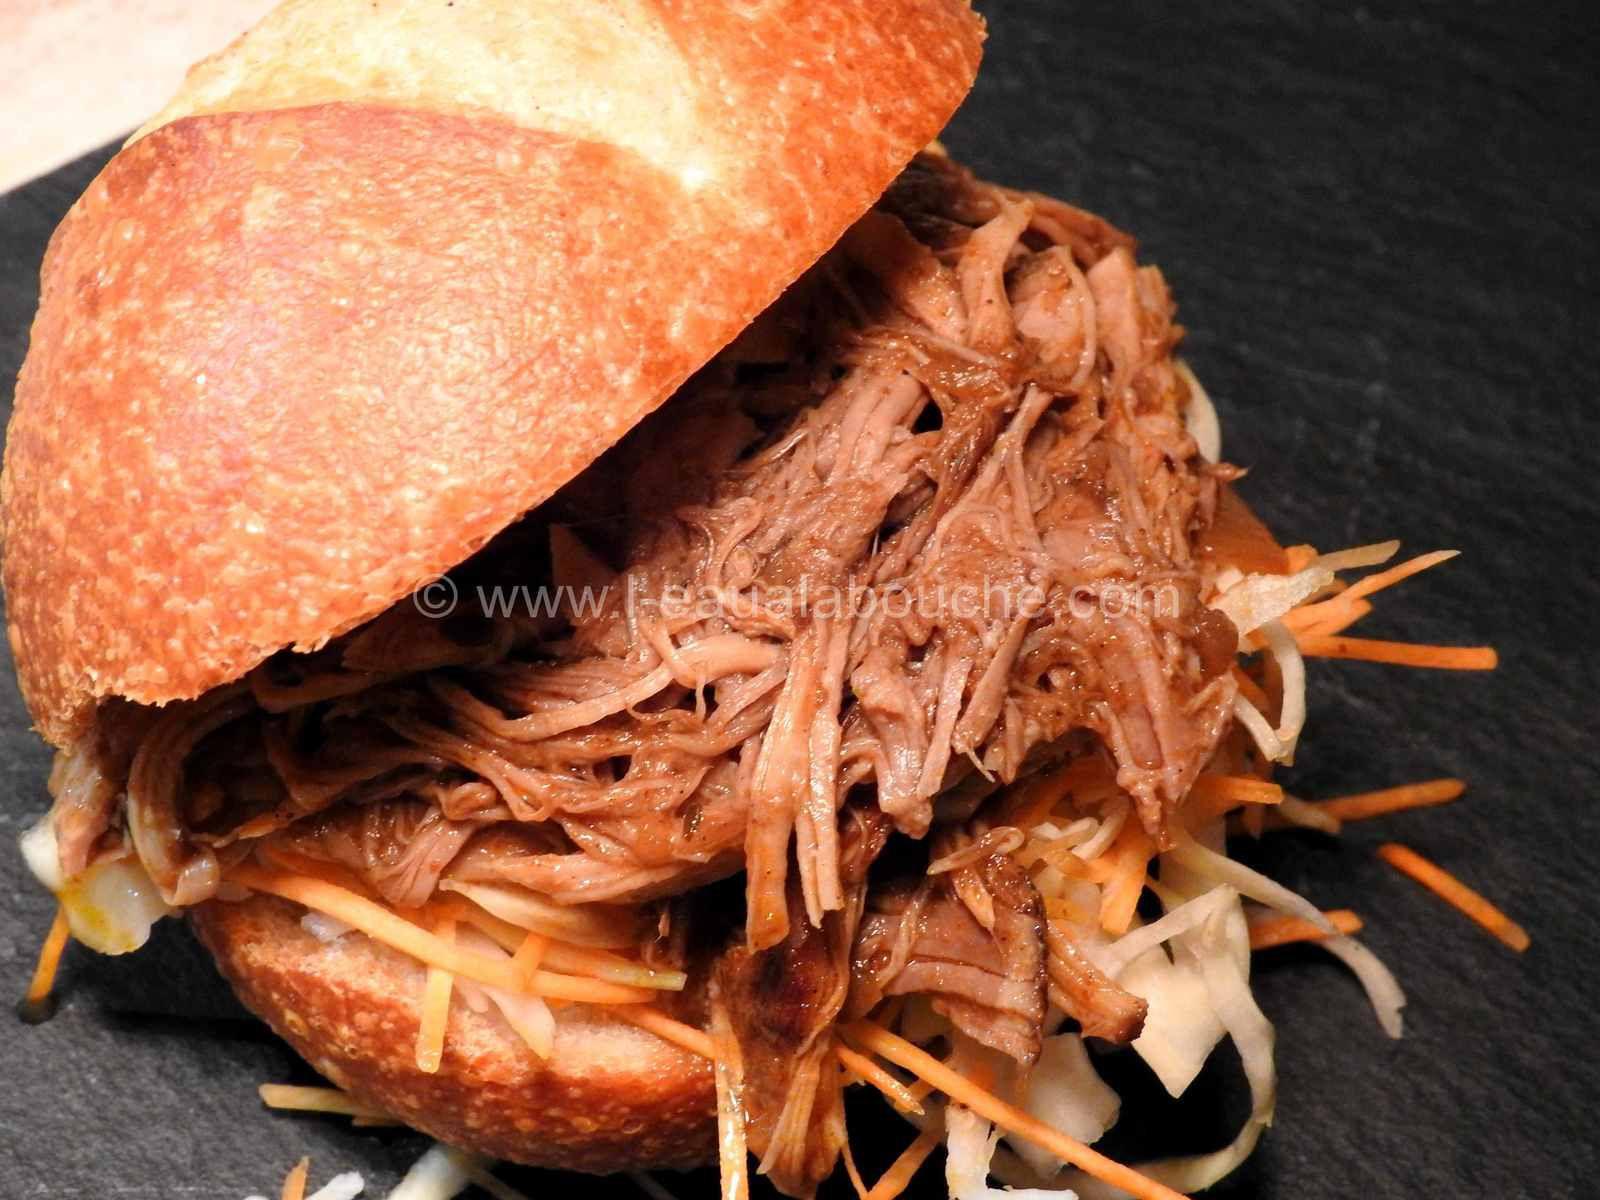 Pulled Pork-Effiloché de Porc